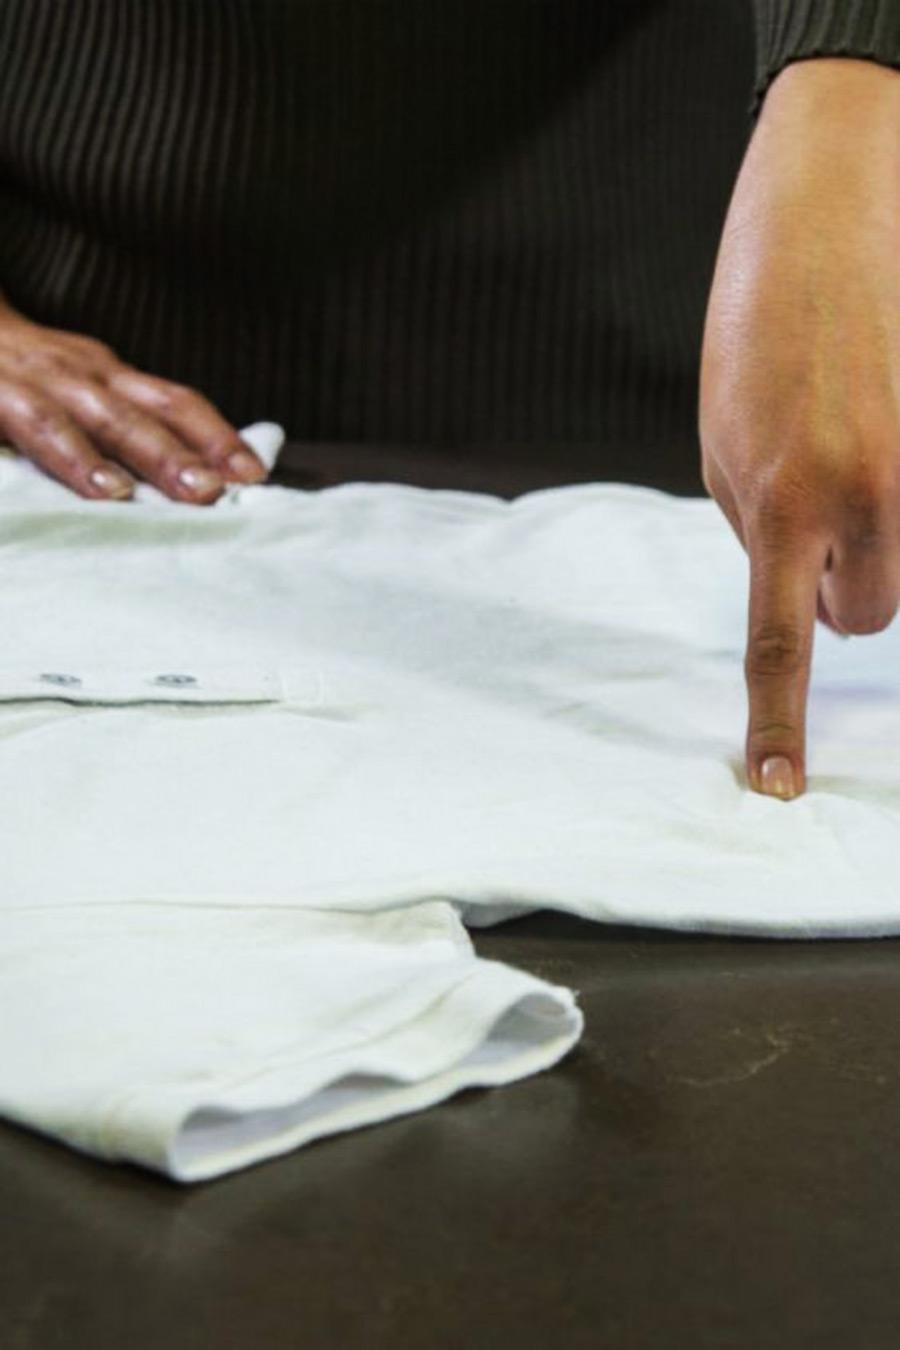 2) Dobla la prenda para crear el diseño de tu preferencia